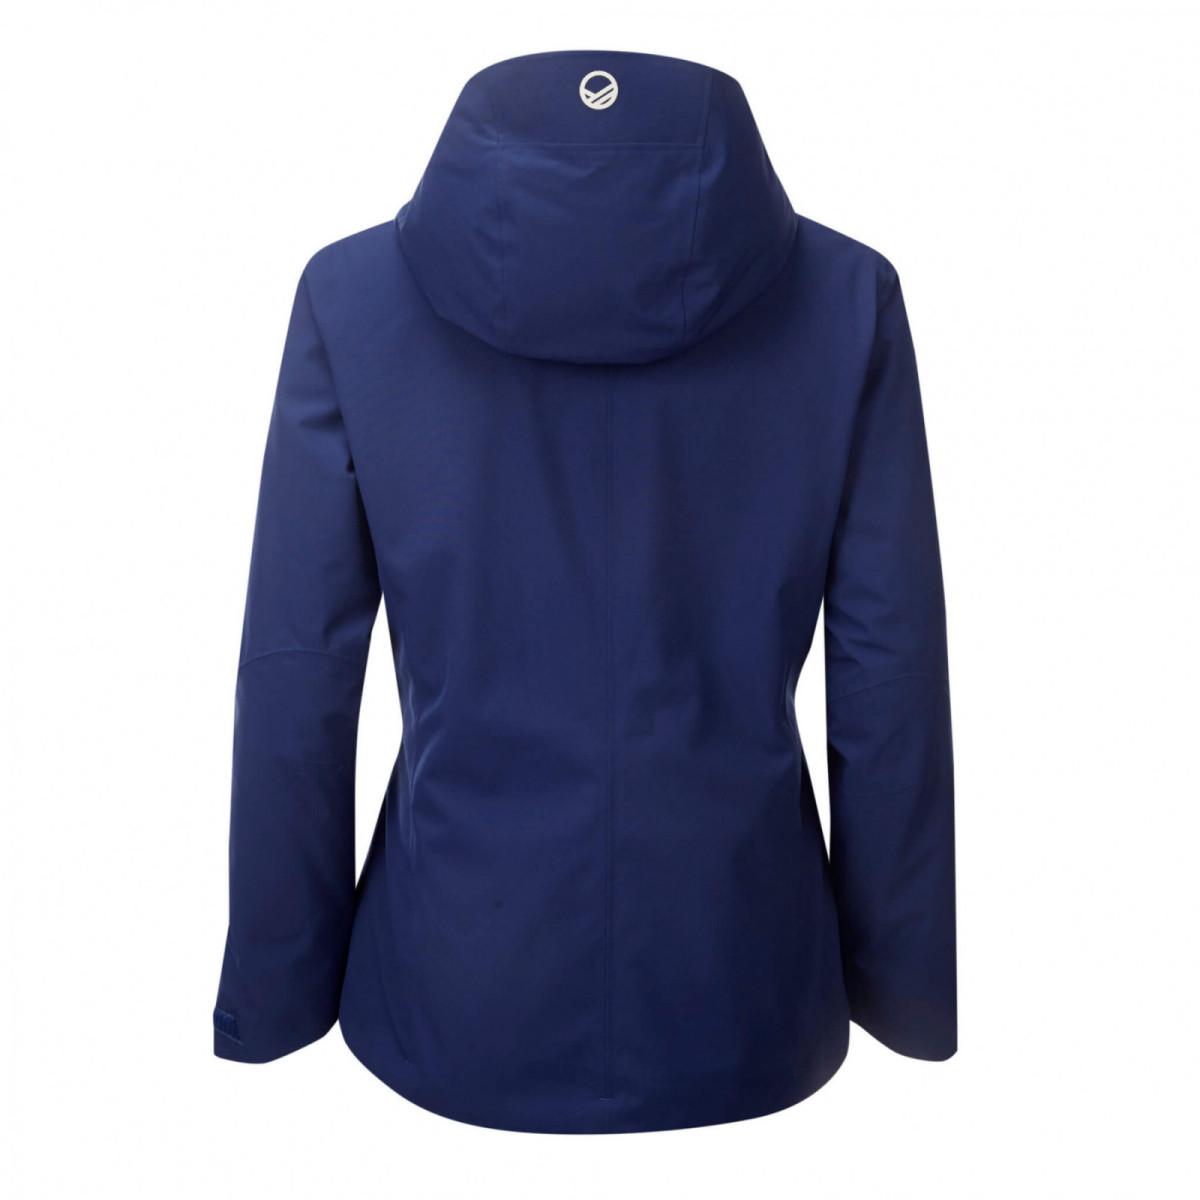 Halti Kelo W - tmavo modrá Veľkosť oblečenia: S.